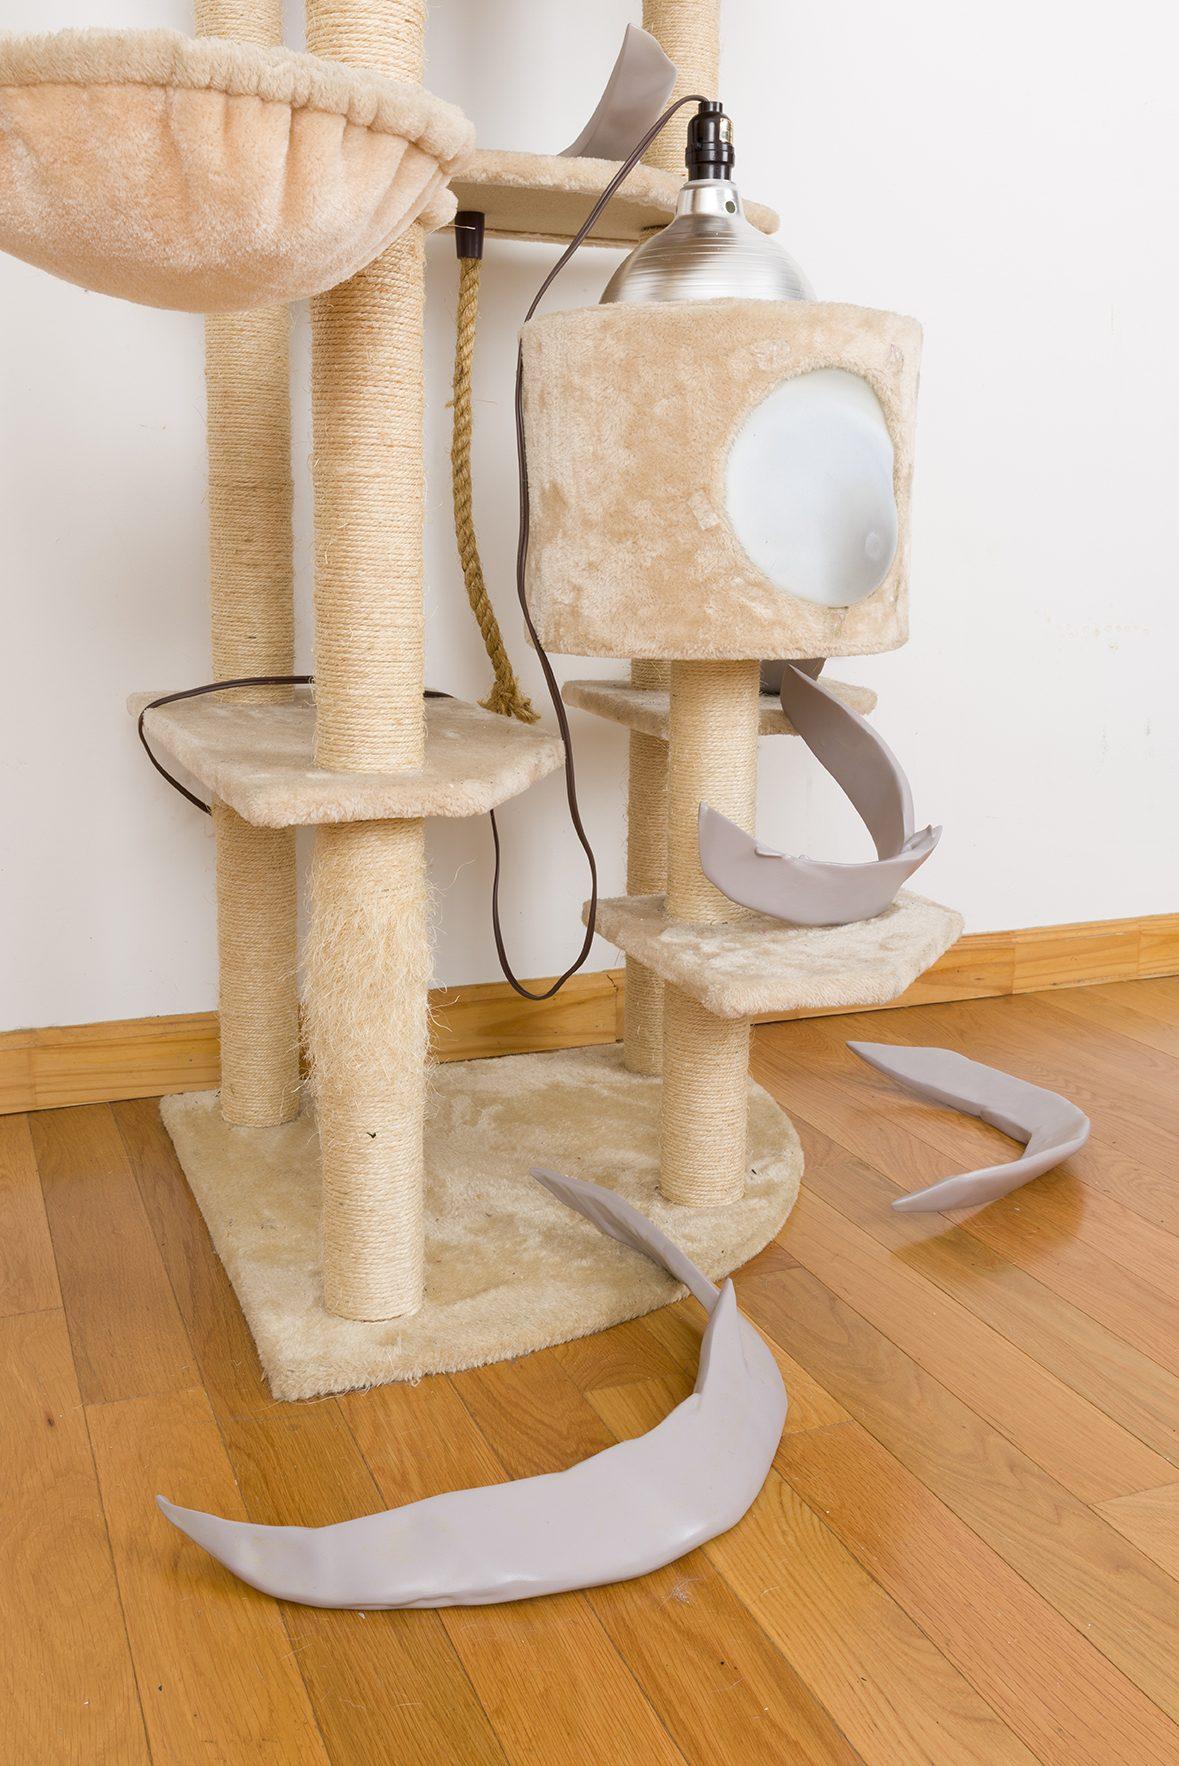 Aniara Omann & Nicolas Pelzer @ Catbox Contemporary